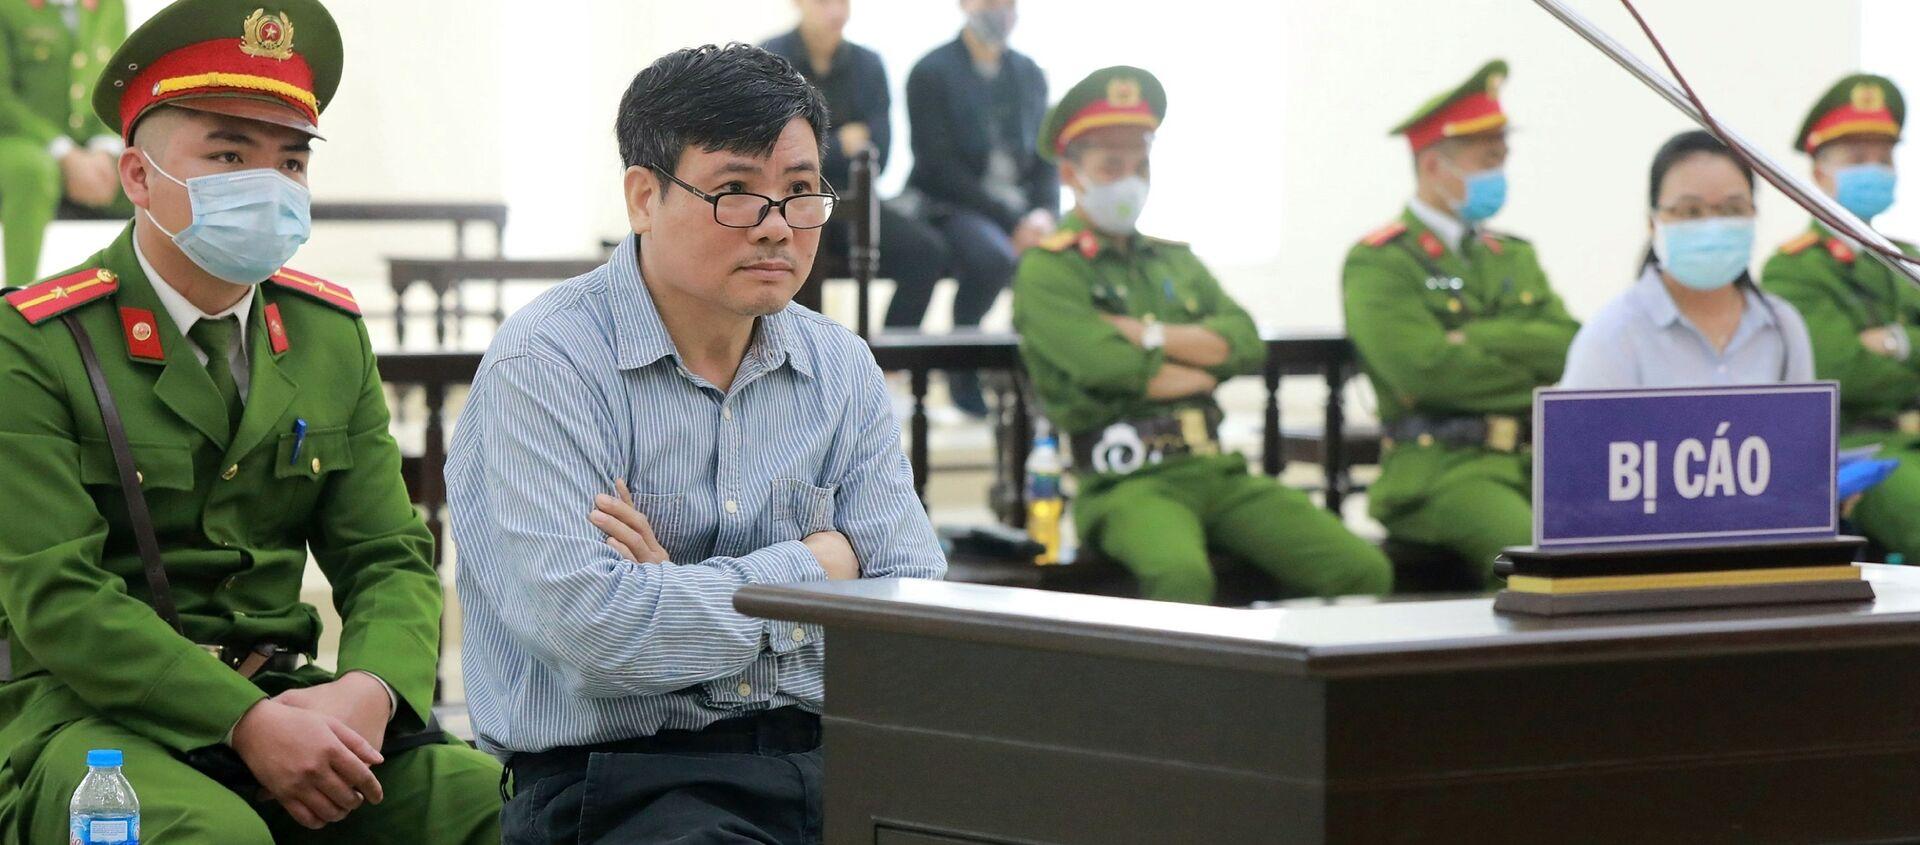 Cựu nhà báo Trương Duy Nhất. - Sputnik Việt Nam, 1920, 14.08.2020